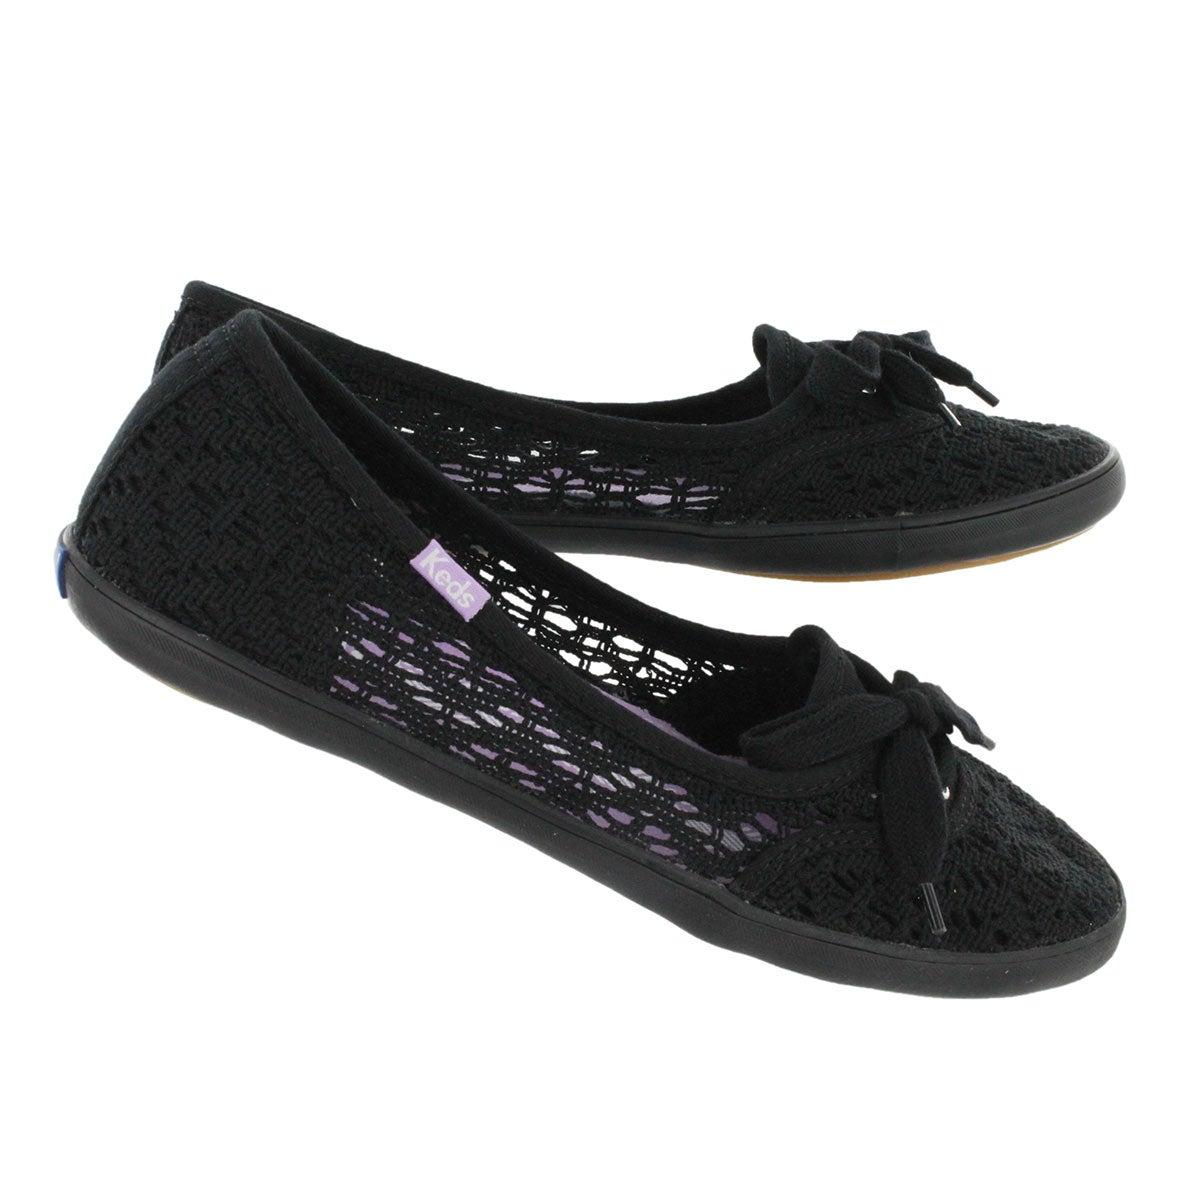 Lds Teacup Crochet black slip on